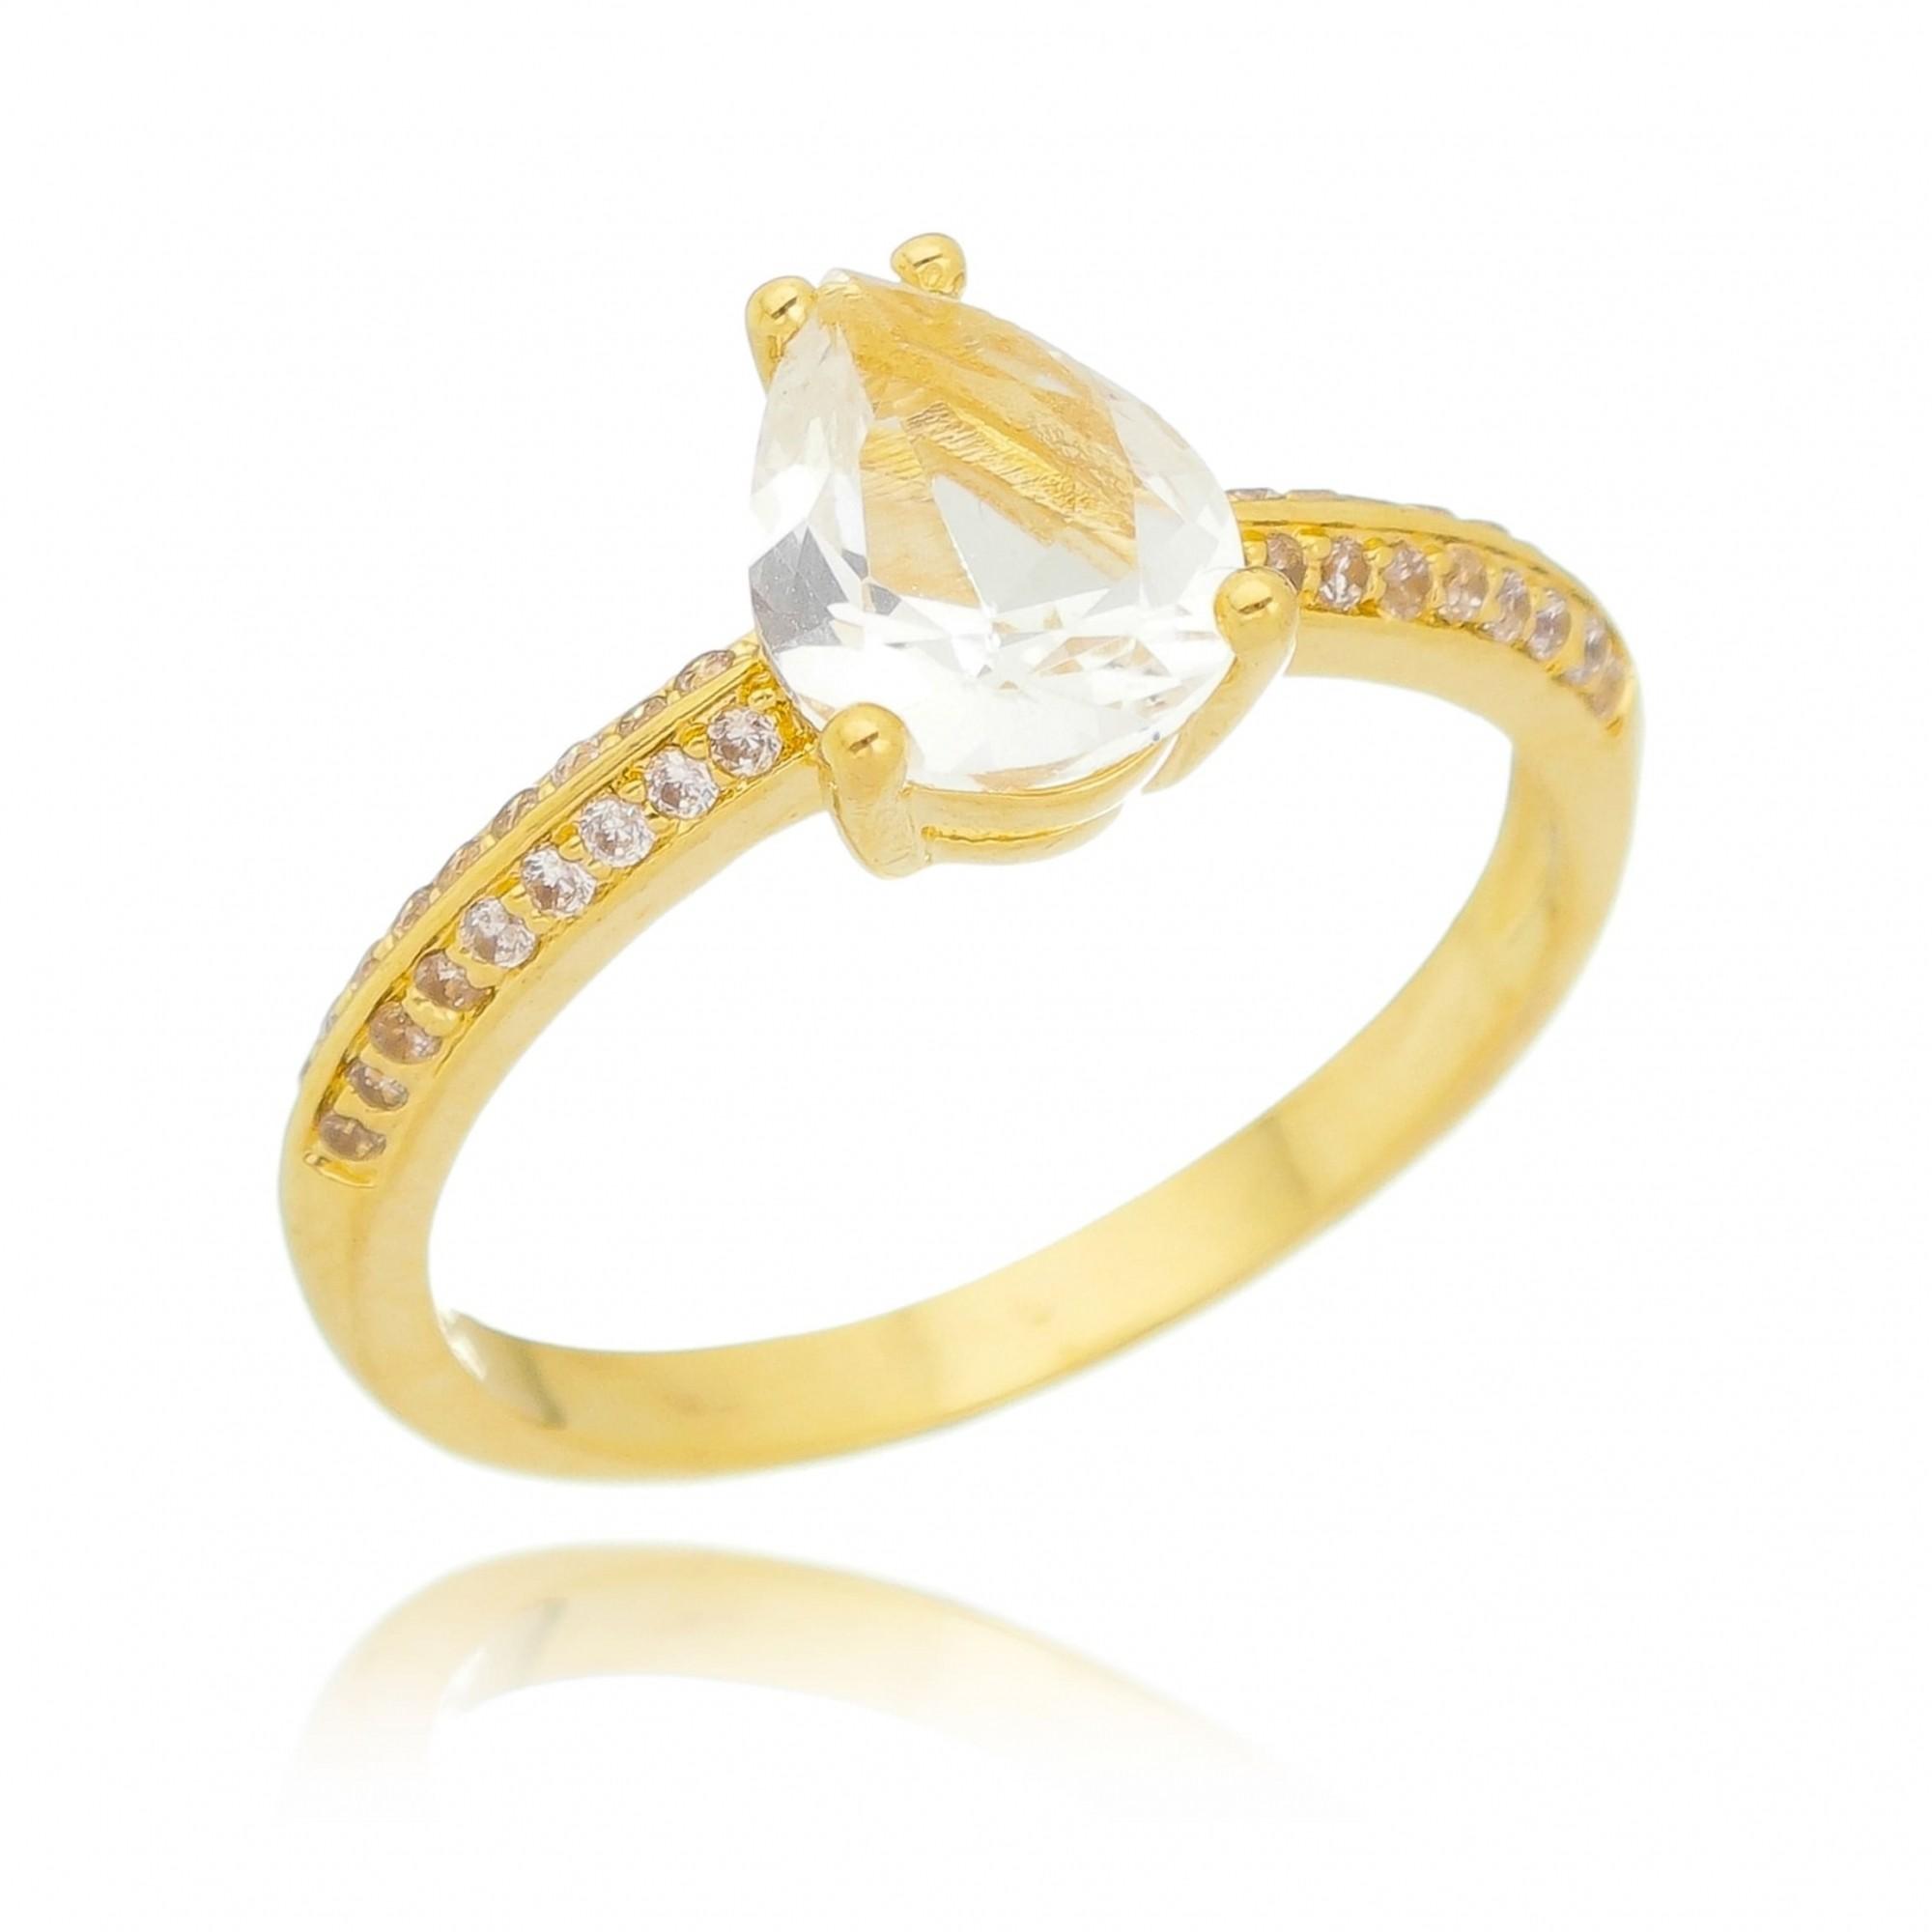 Anel Gota Cristal Incolor Cravejado em Zircônias Folheado em Ouro18k - Giro Semijoias